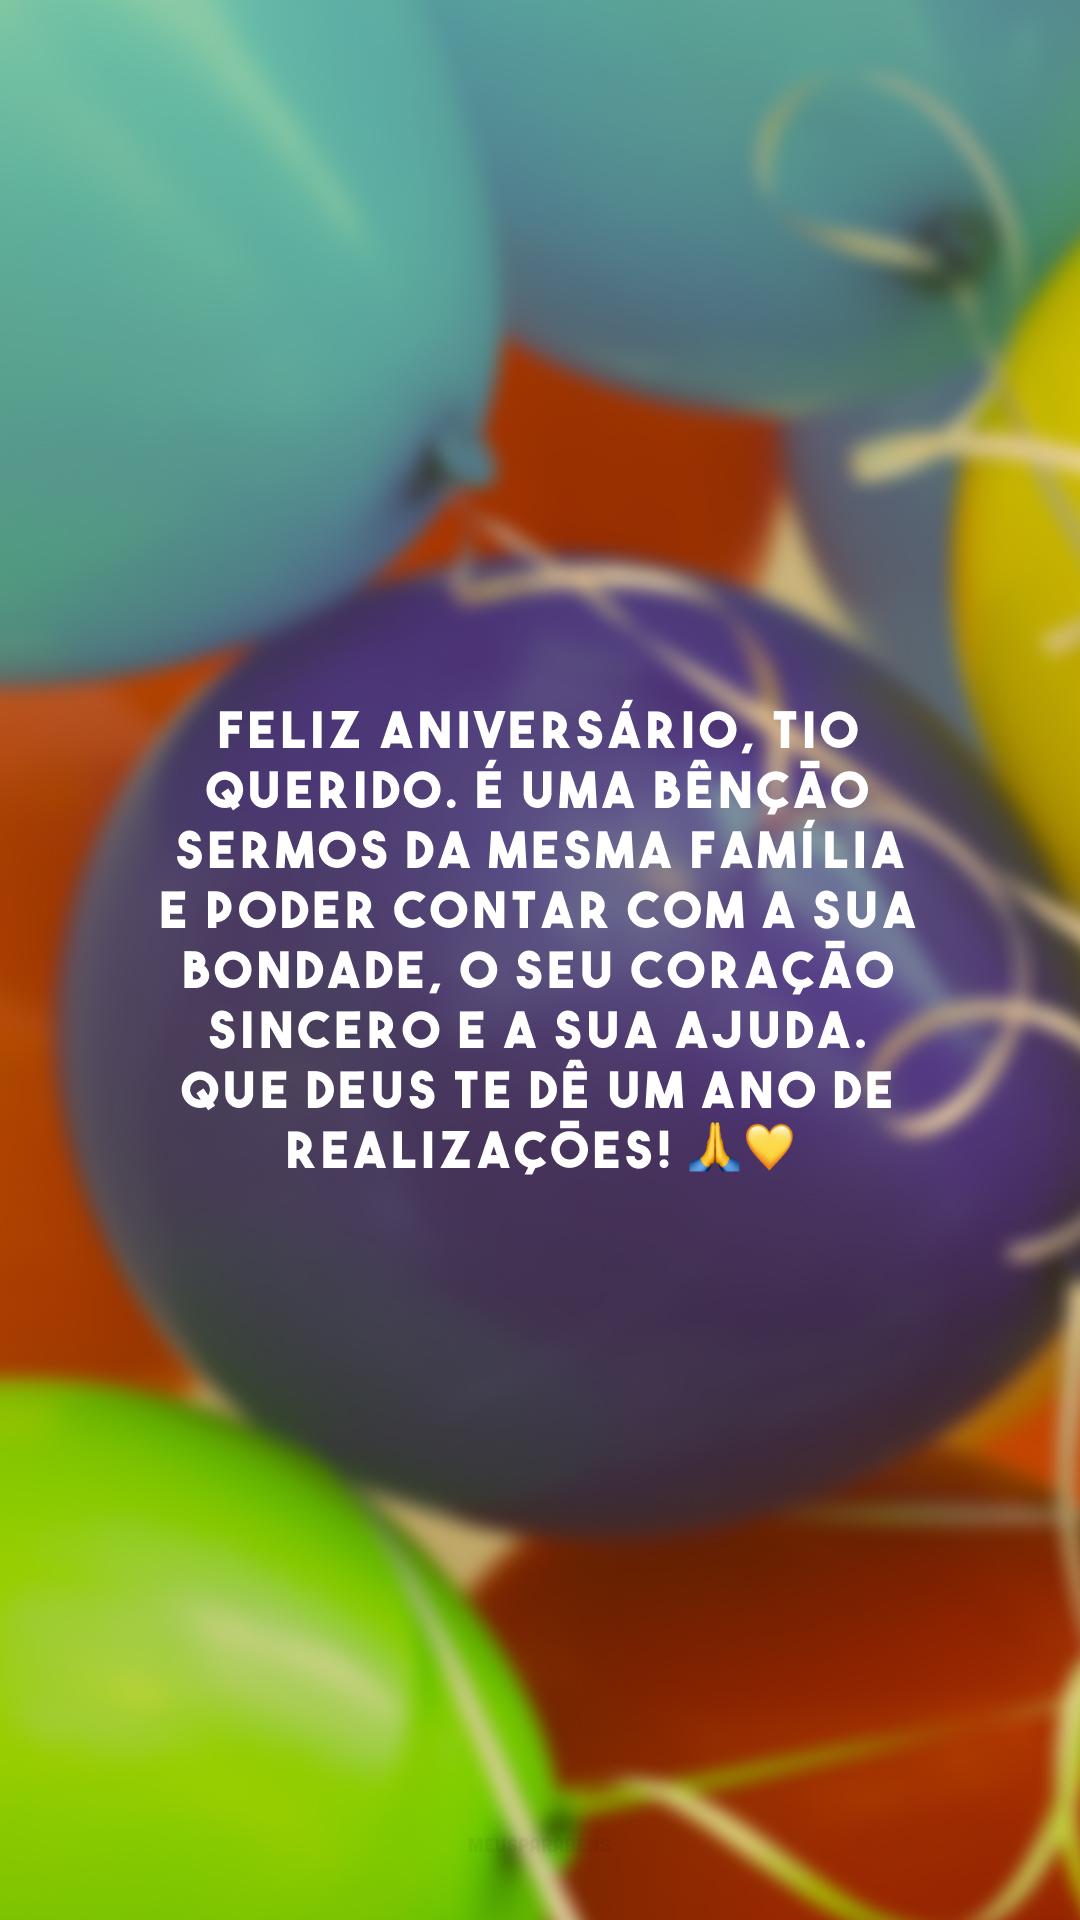 Feliz aniversário, tio querido. É uma bênção sermos da mesma família e poder contar com a sua bondade, o seu coração sincero e a sua ajuda. Que Deus te dê um ano de realizações! 🙏💛